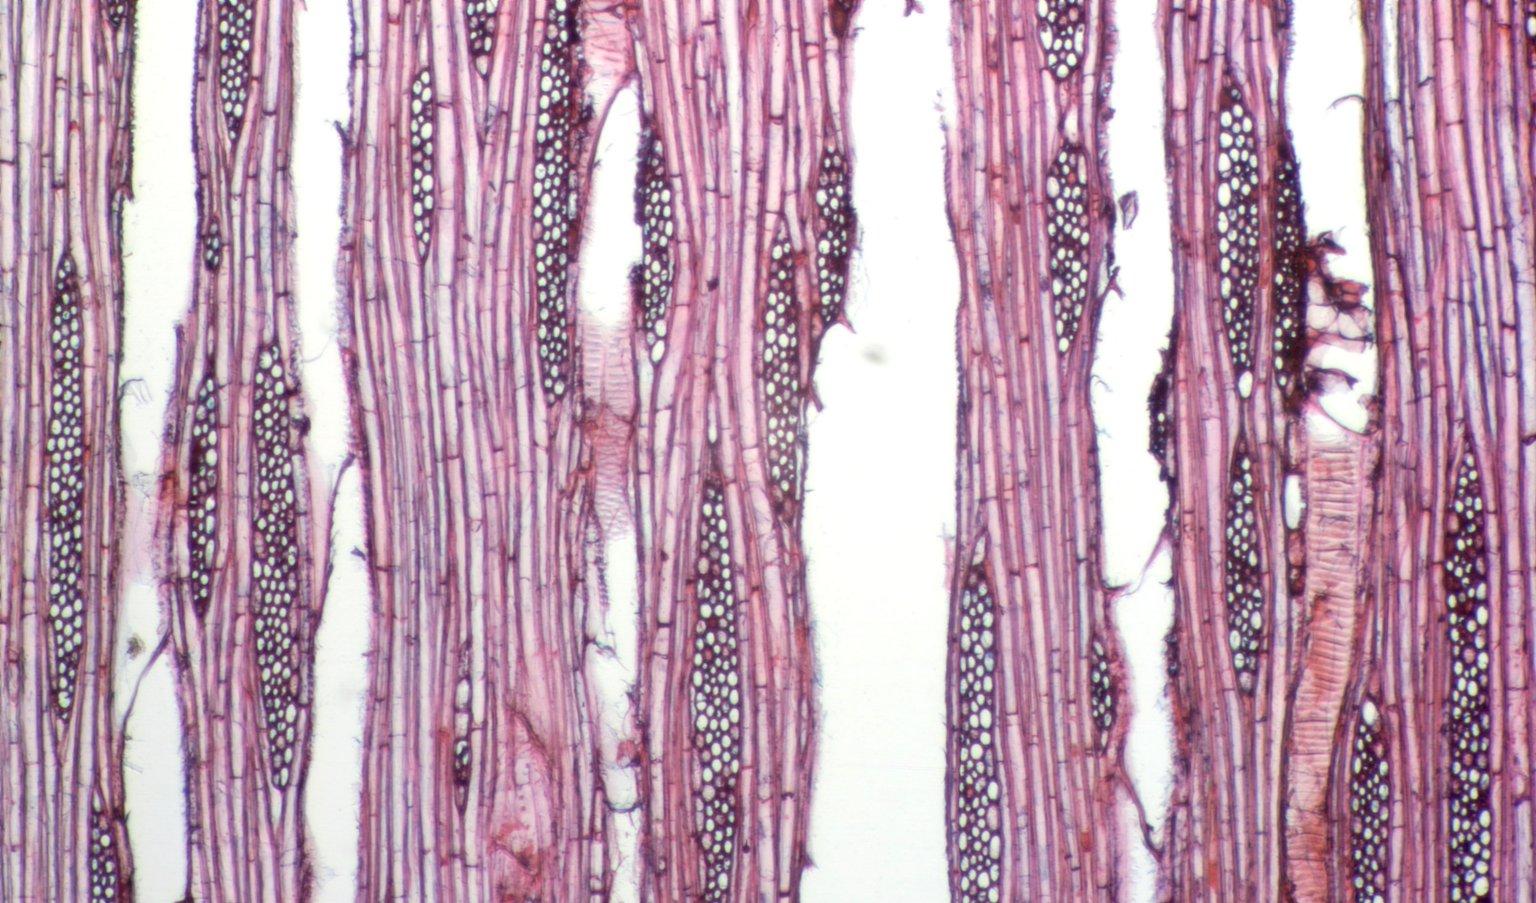 ARALIACEAE Oreopanax floribundum